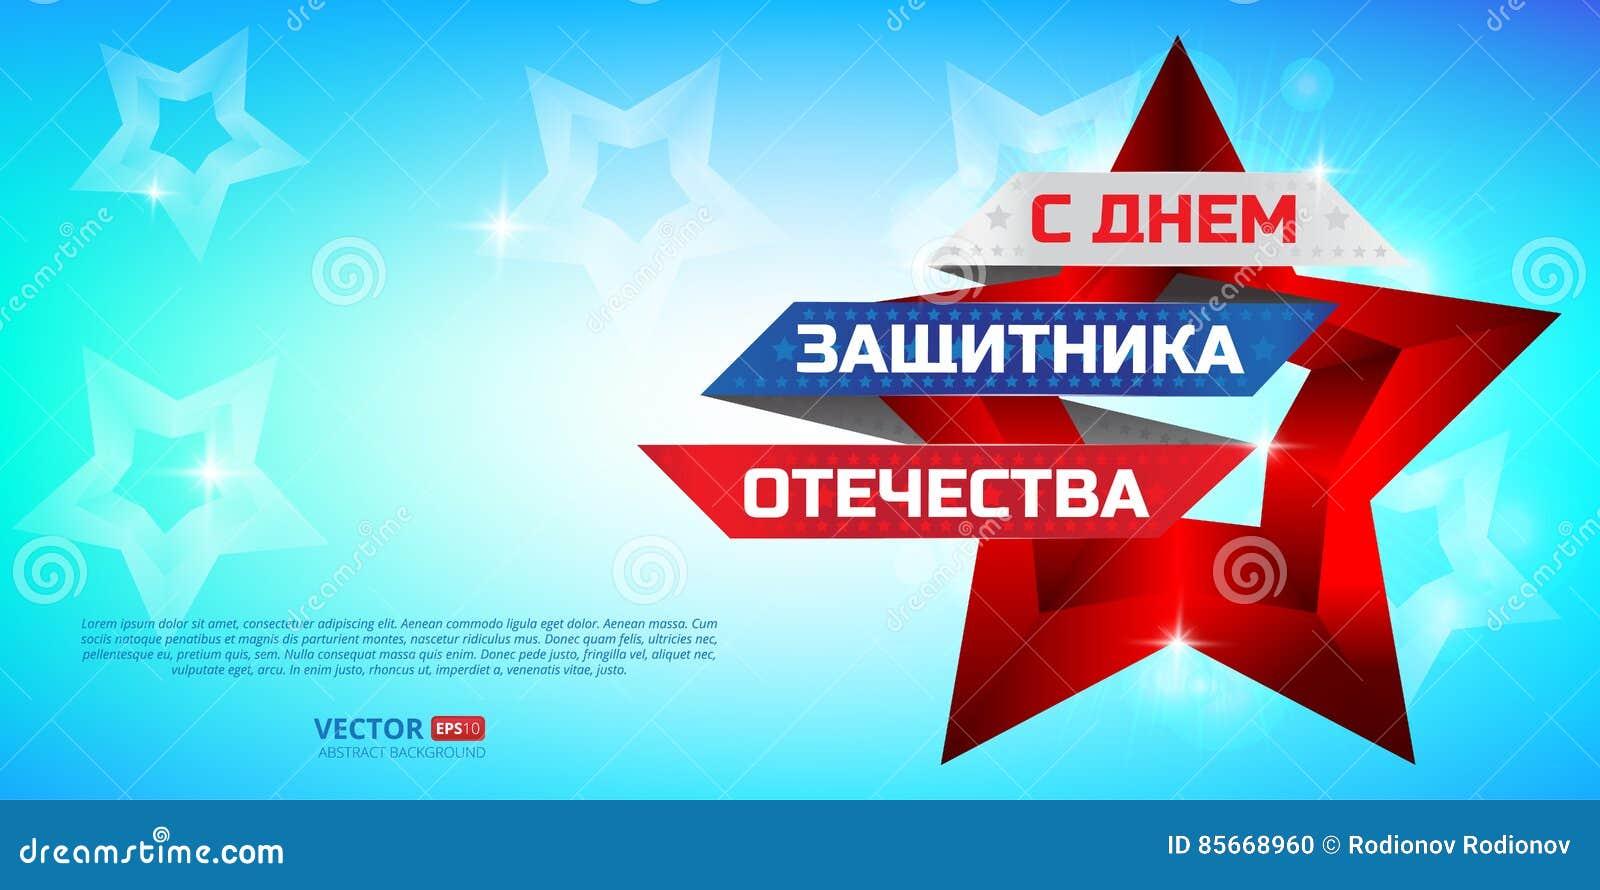 Διανυσματική απεικόνιση στο ρωσικό στις 23 Φεβρουαρίου εθνικής εορτής